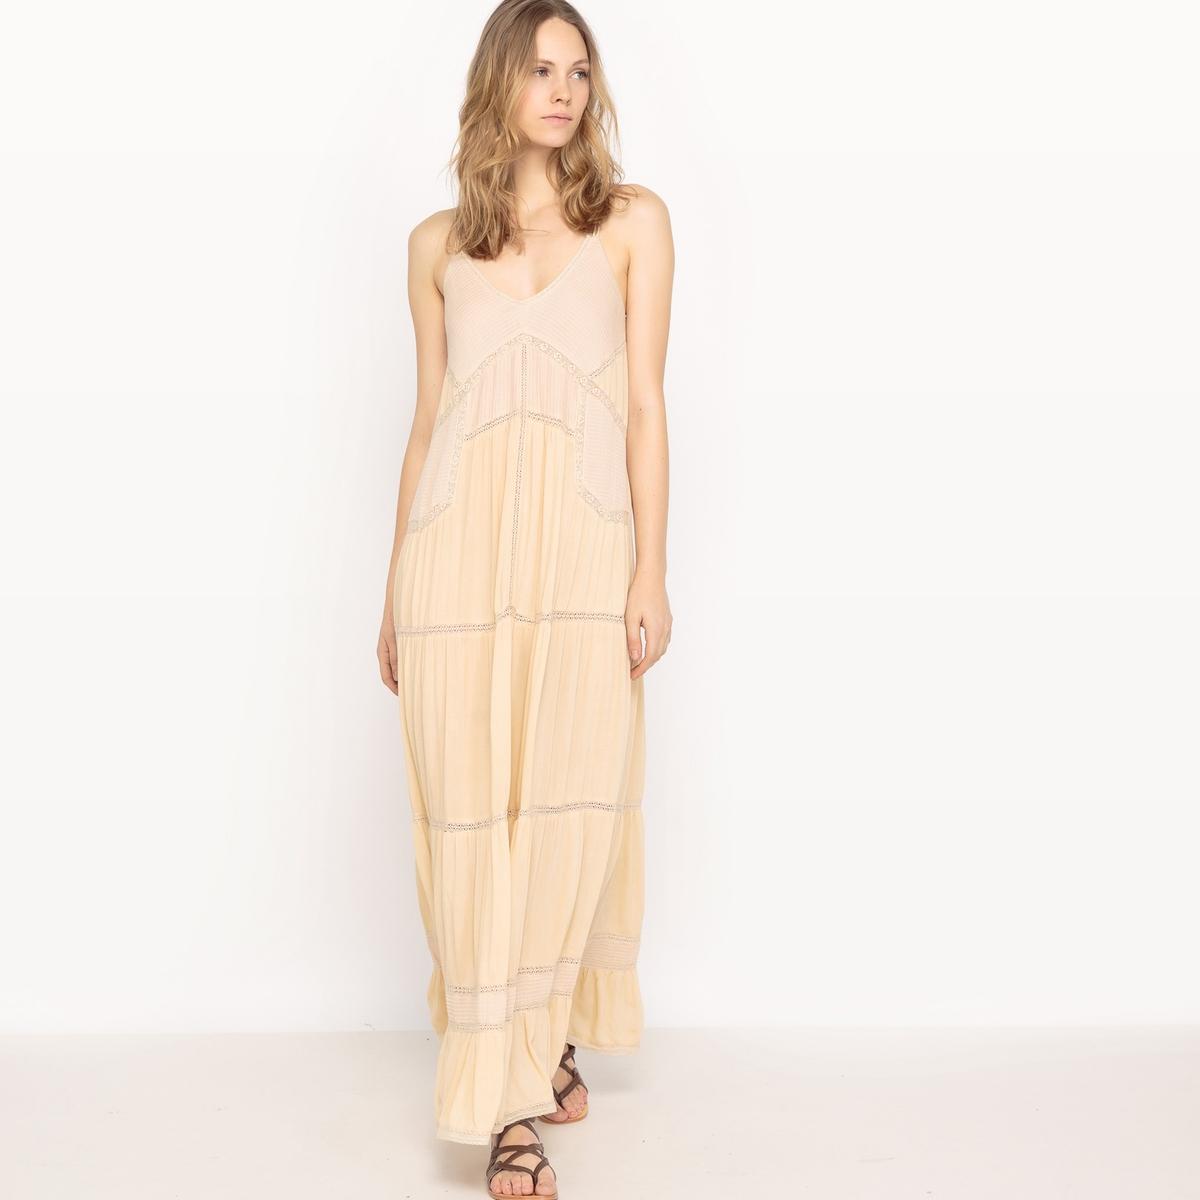 Платье длинное с открытой спинойДетали  •  Форма : расклешенная  •  Длинное  •  Тонкие бретели      •   V-образный вырез  Состав и уход •  100% вискоза  •  Следуйте советам по уходу, указанным на этикетке<br><br>Цвет: бледно-розовый,черный<br>Размер: XS